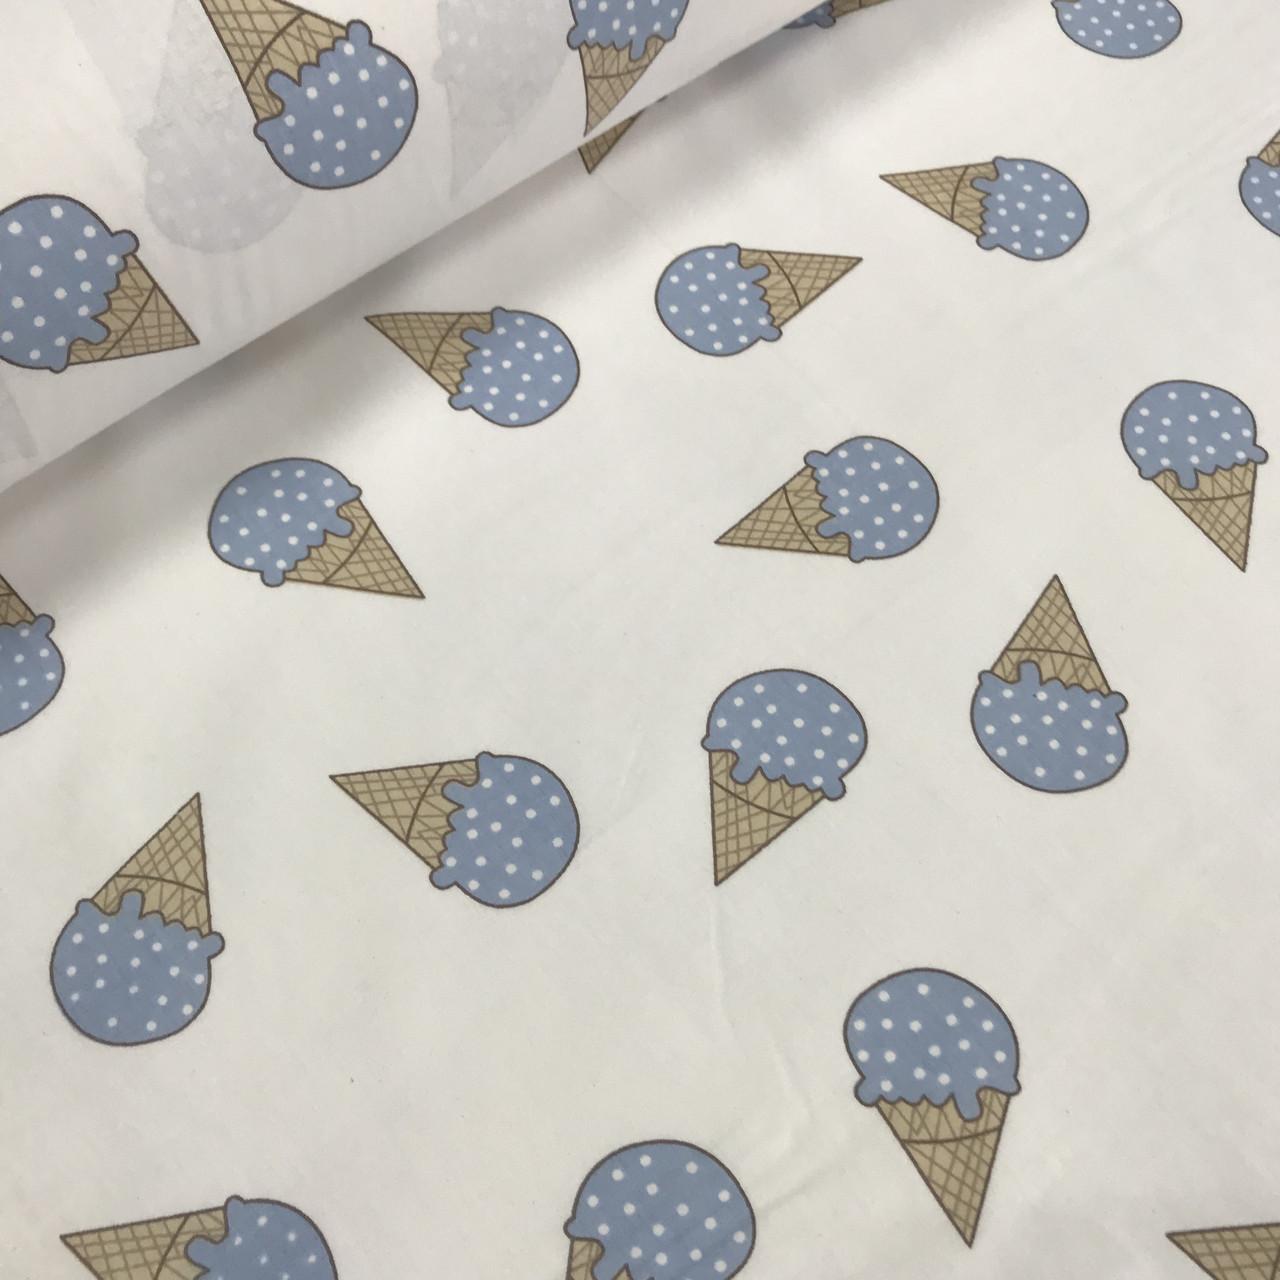 Ткань поплин, мороженое голубое на белом (ТУРЦИЯ шир. 2,4 м) № 33-41